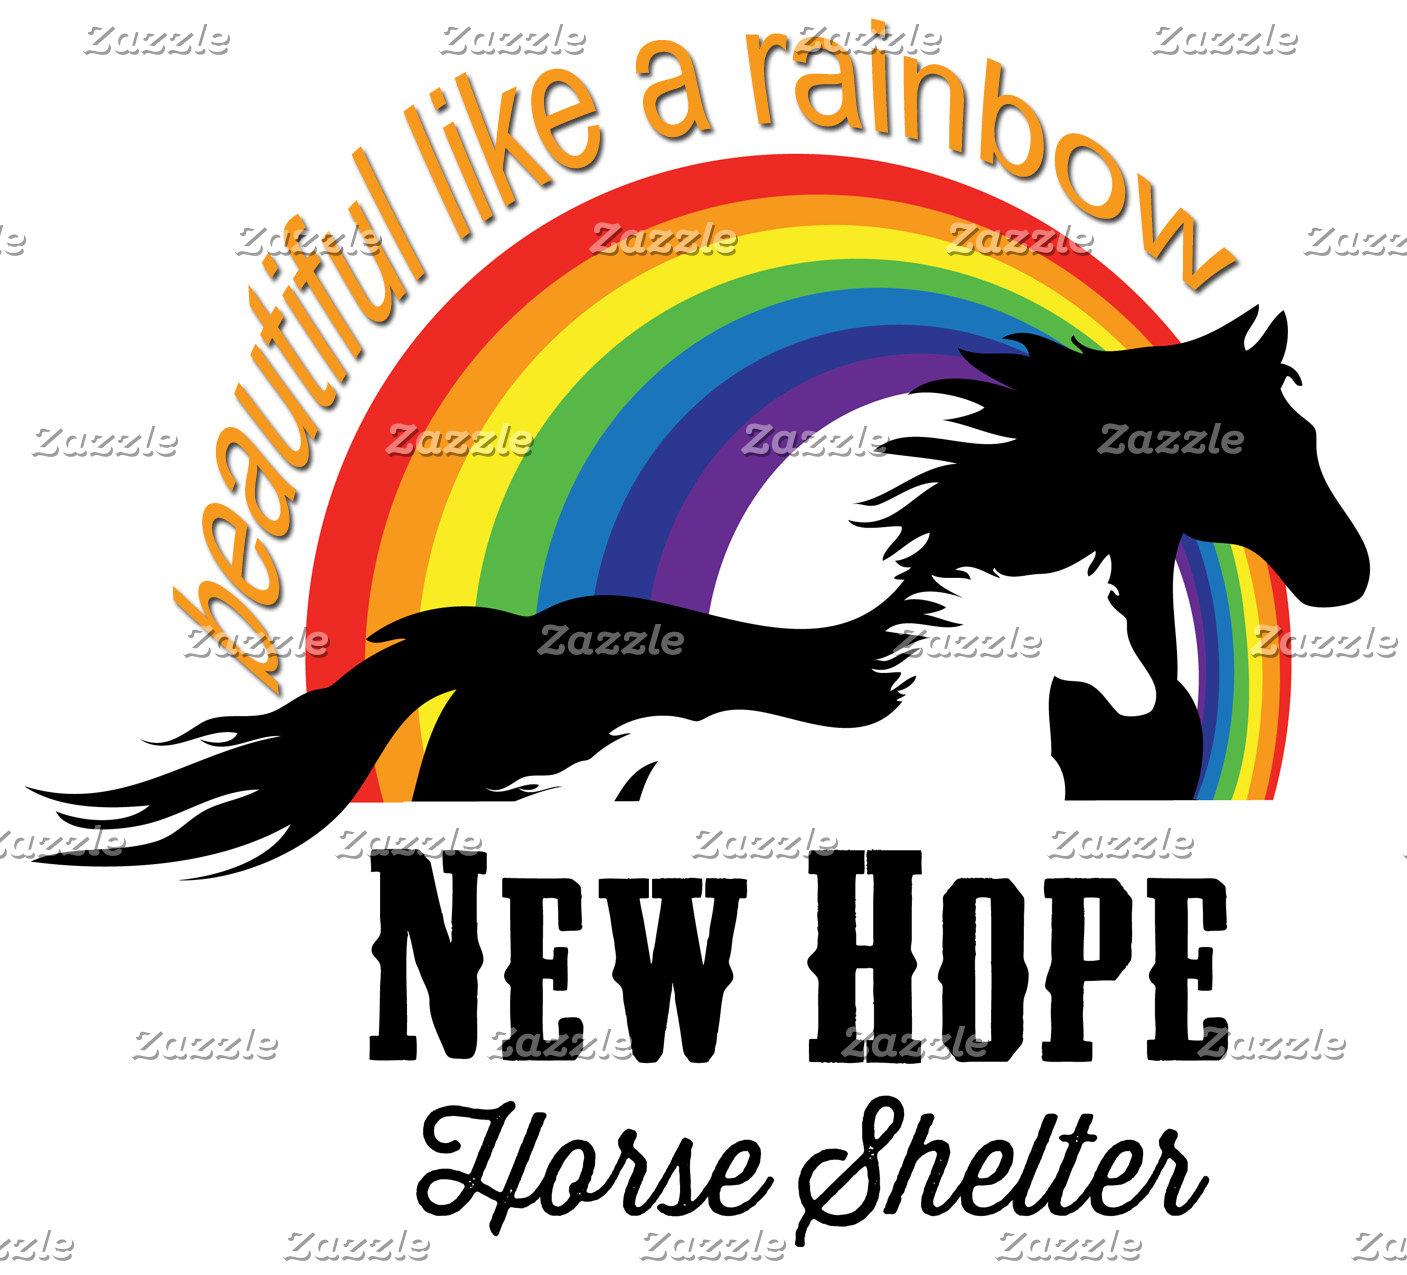 New Hope logo shirts